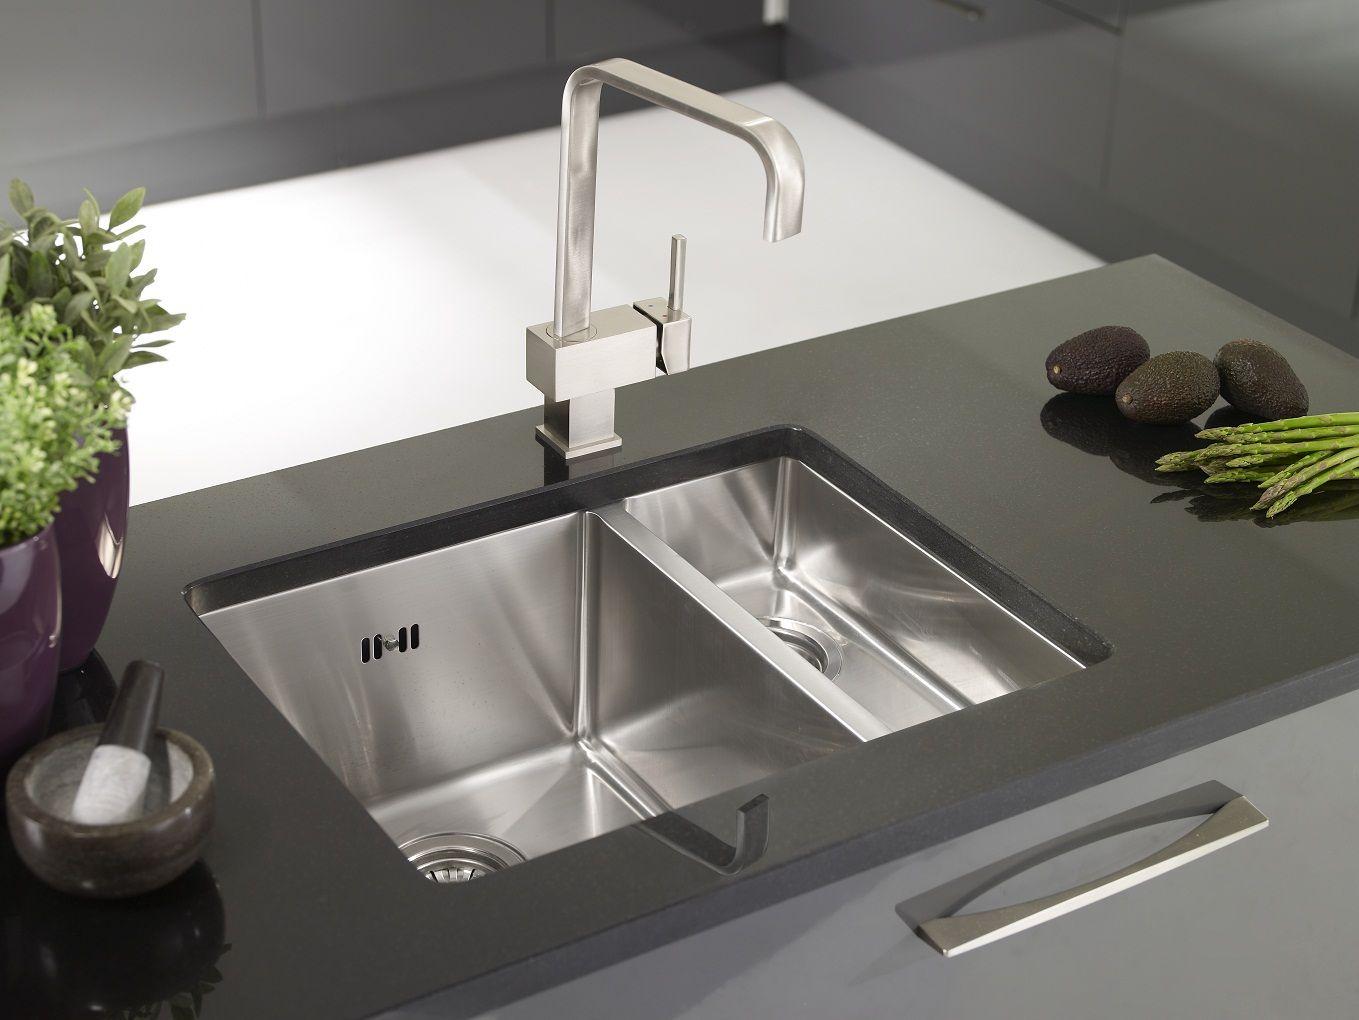 Tuscan Sinks Premium Square 1 5b Undermounted Tuscan Kitchen